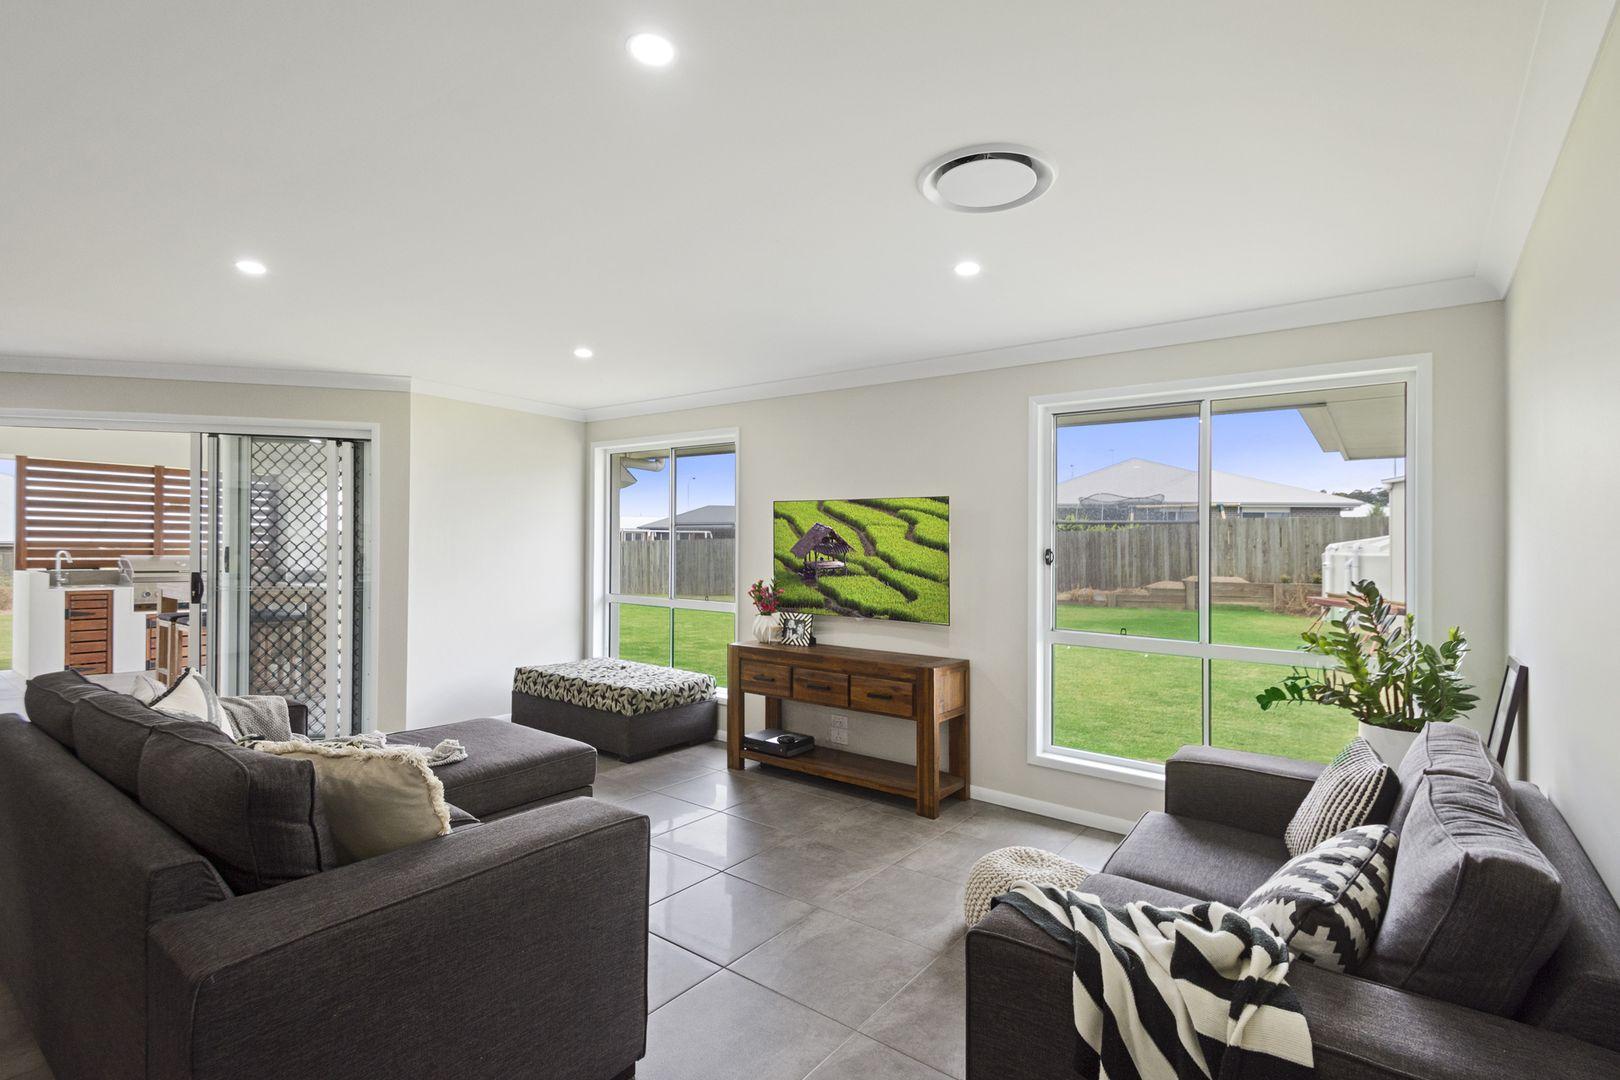 Lot 315 'Emerald Hill', Brassall QLD 4305, Image 1